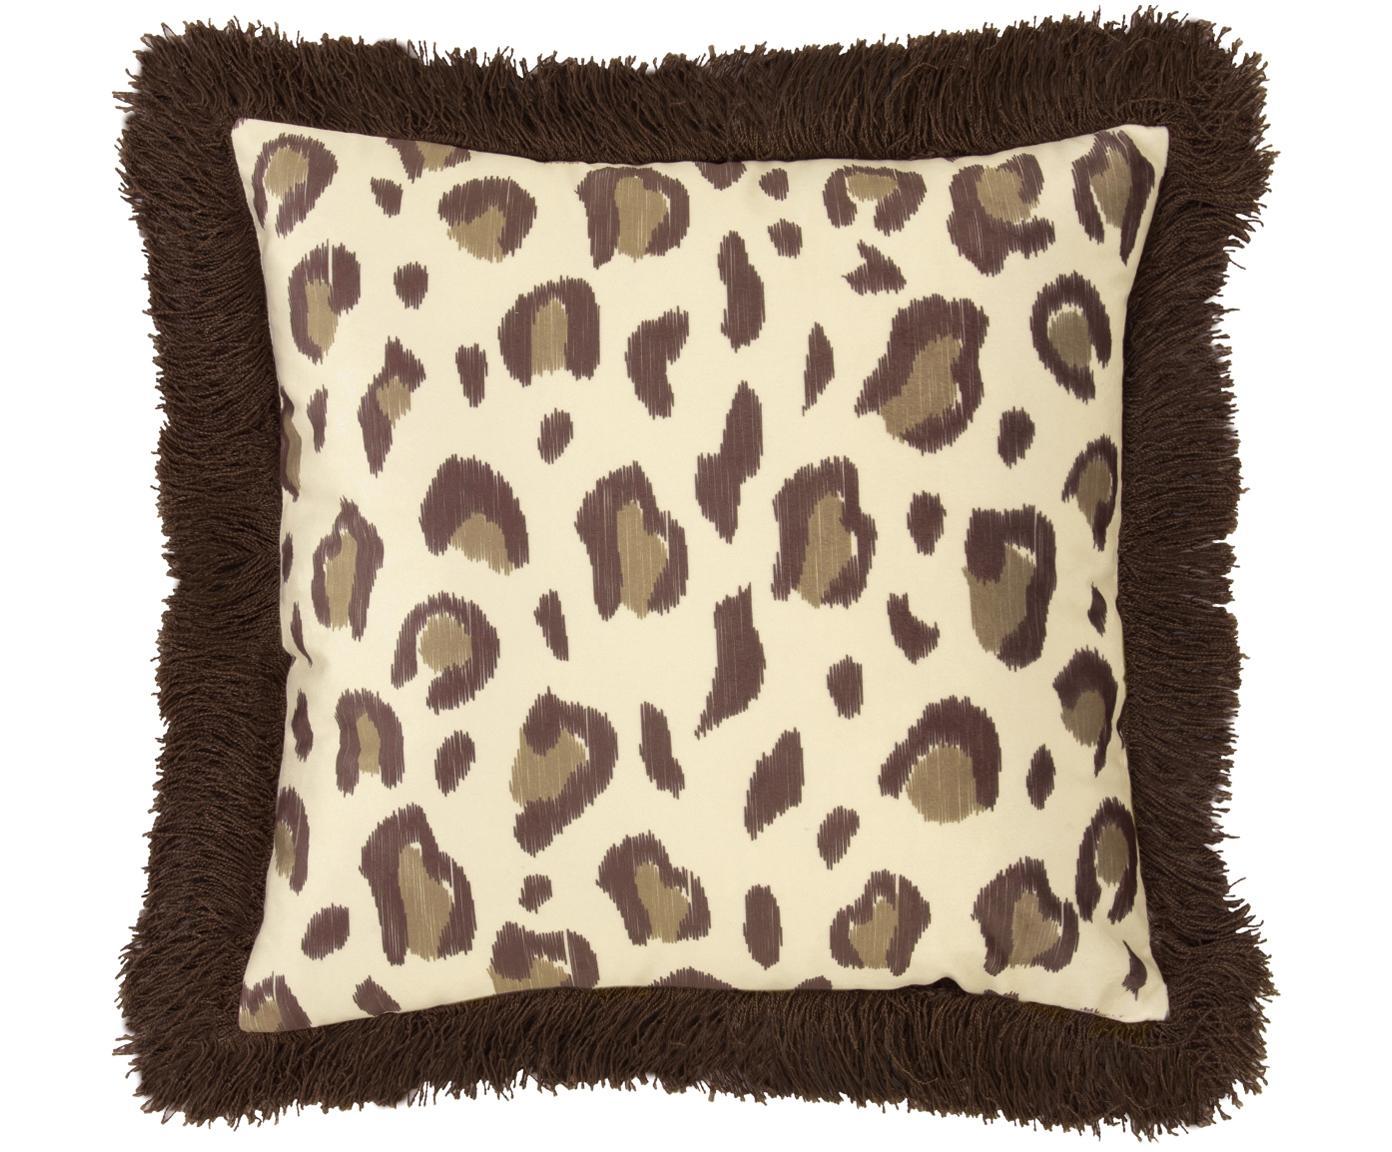 Federa arredo in velluto con frange Bonzo, Retro: cotone, Frange: viscosa, Beige, marrone, Larg. 40 x Lung. 40 cm